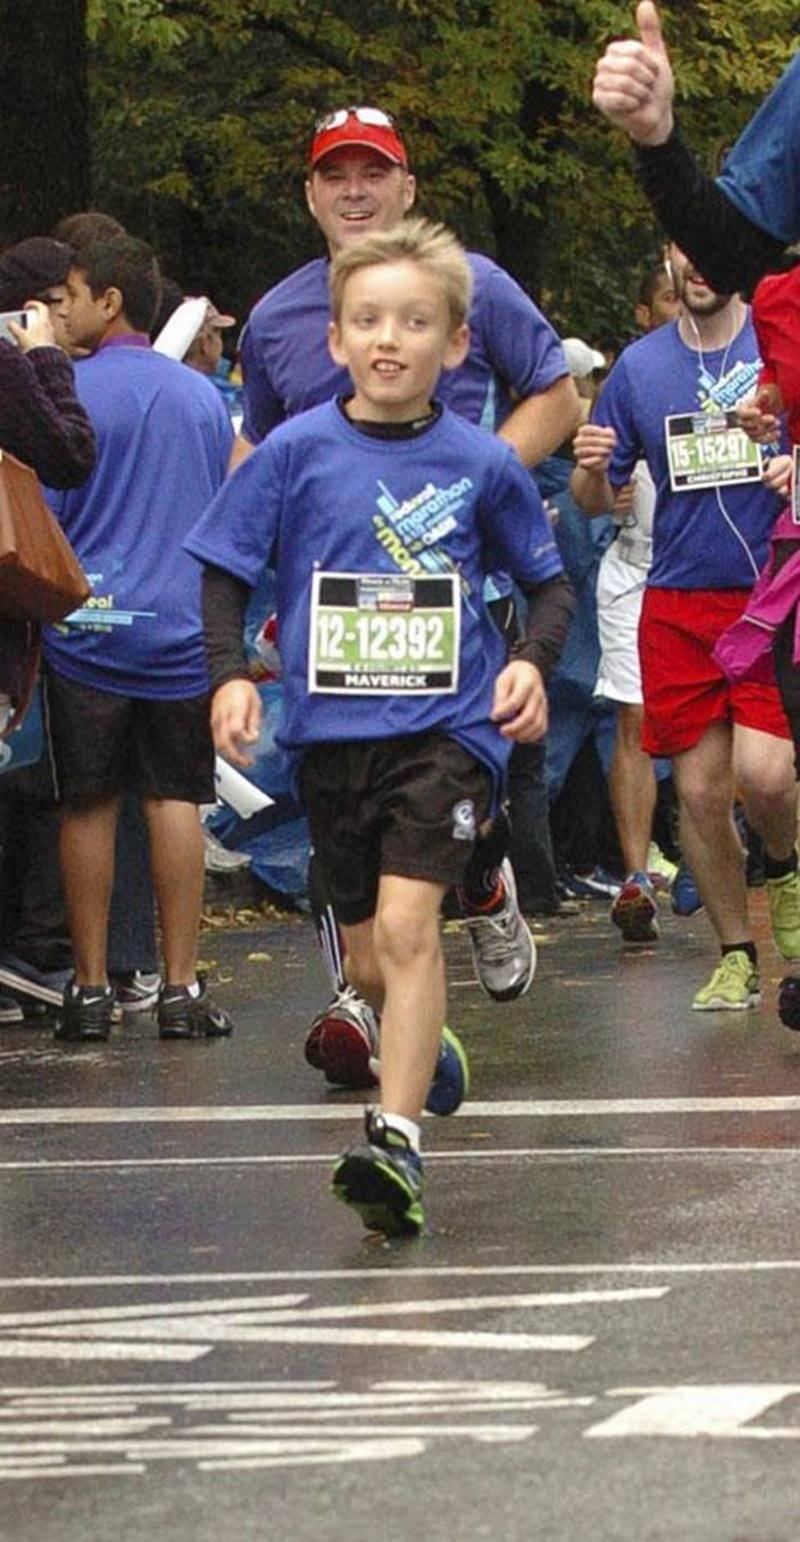 Maverick Cordeau, âgé de seulement 10 ans, a parcouru la distance du demi-marathon en 2 h 5 min 48 s.